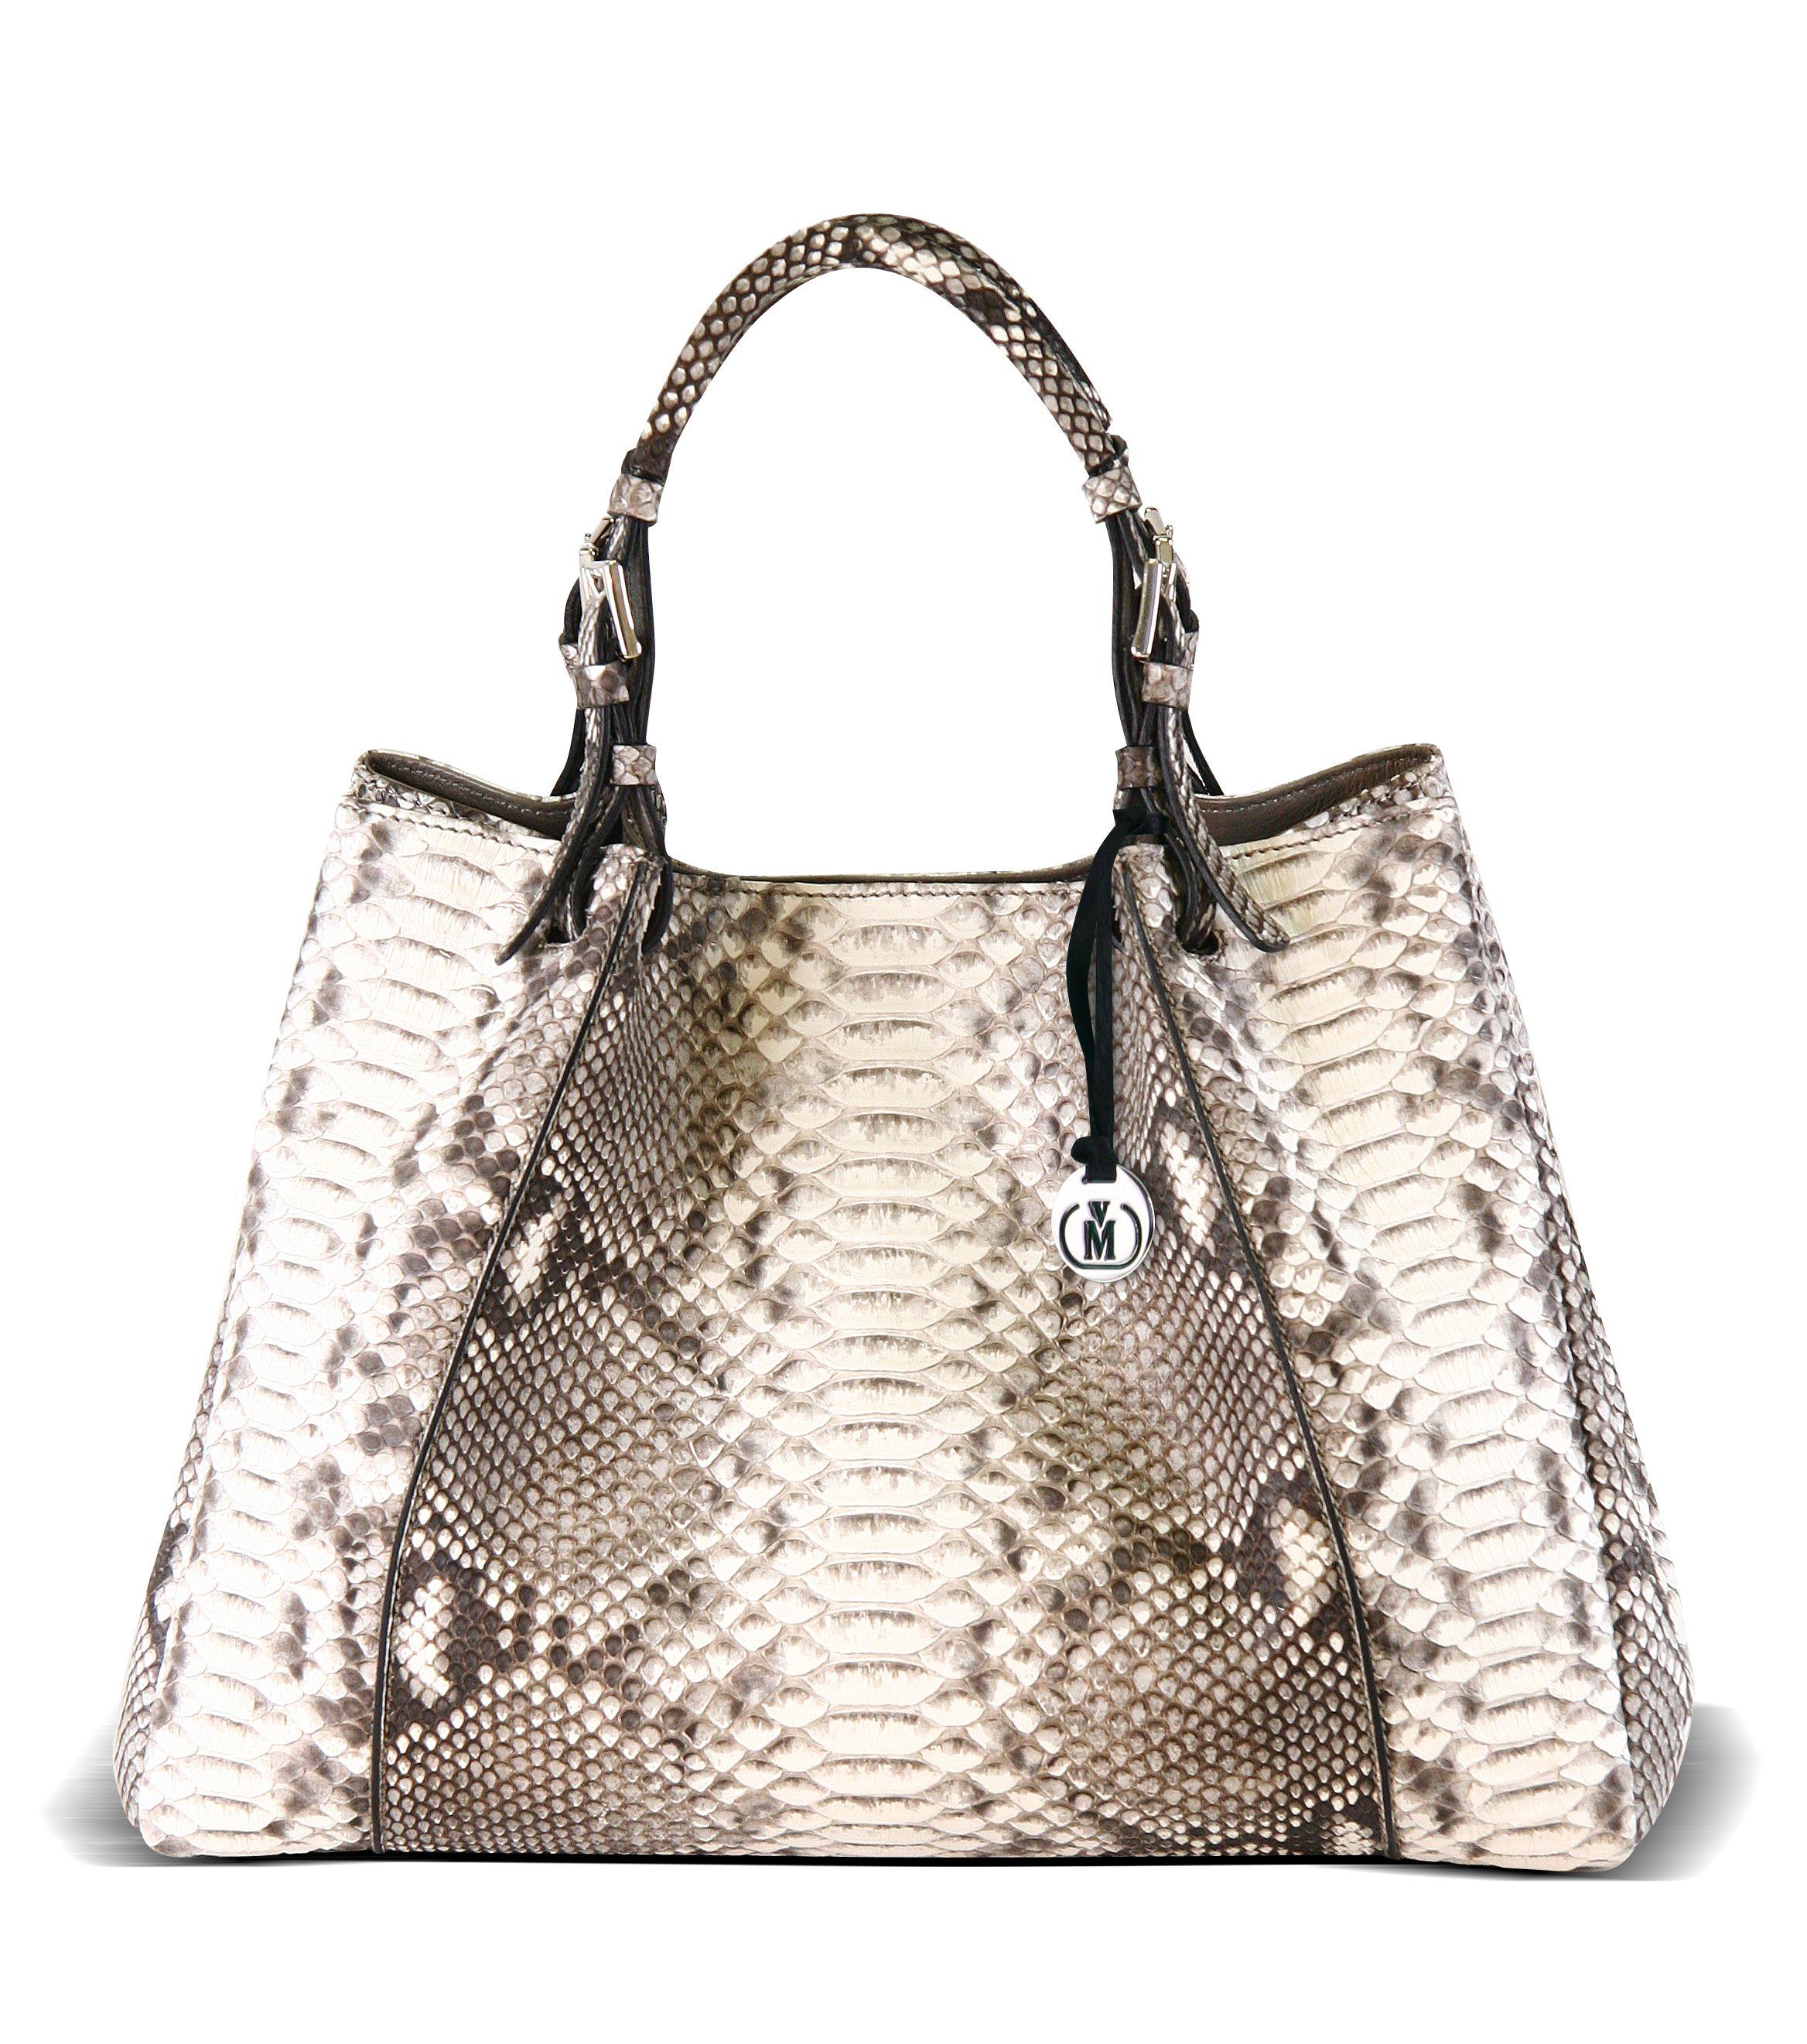 Via La Moda Wow Handbag In Genuine Python Skin